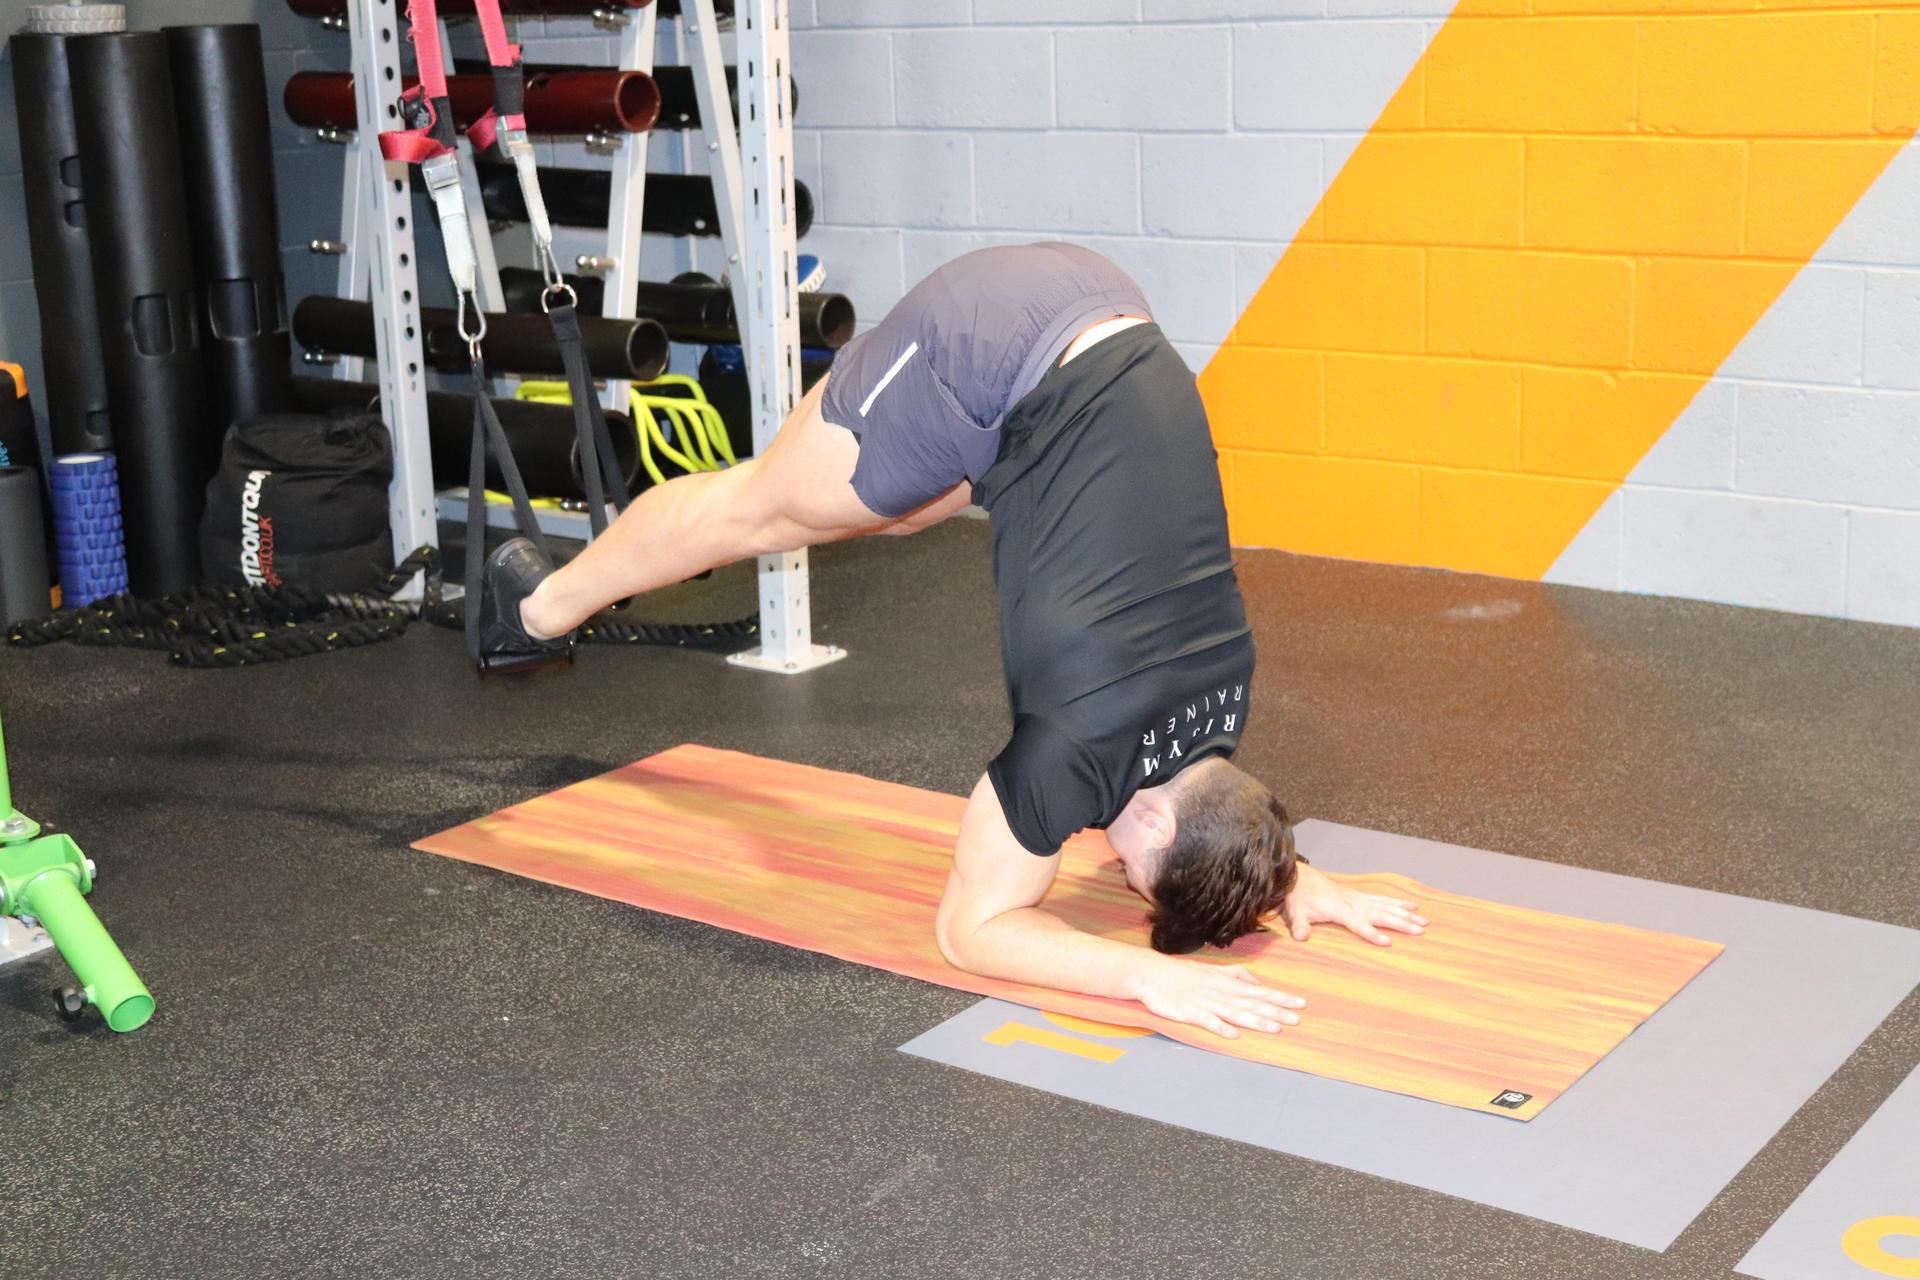 trx exercise image